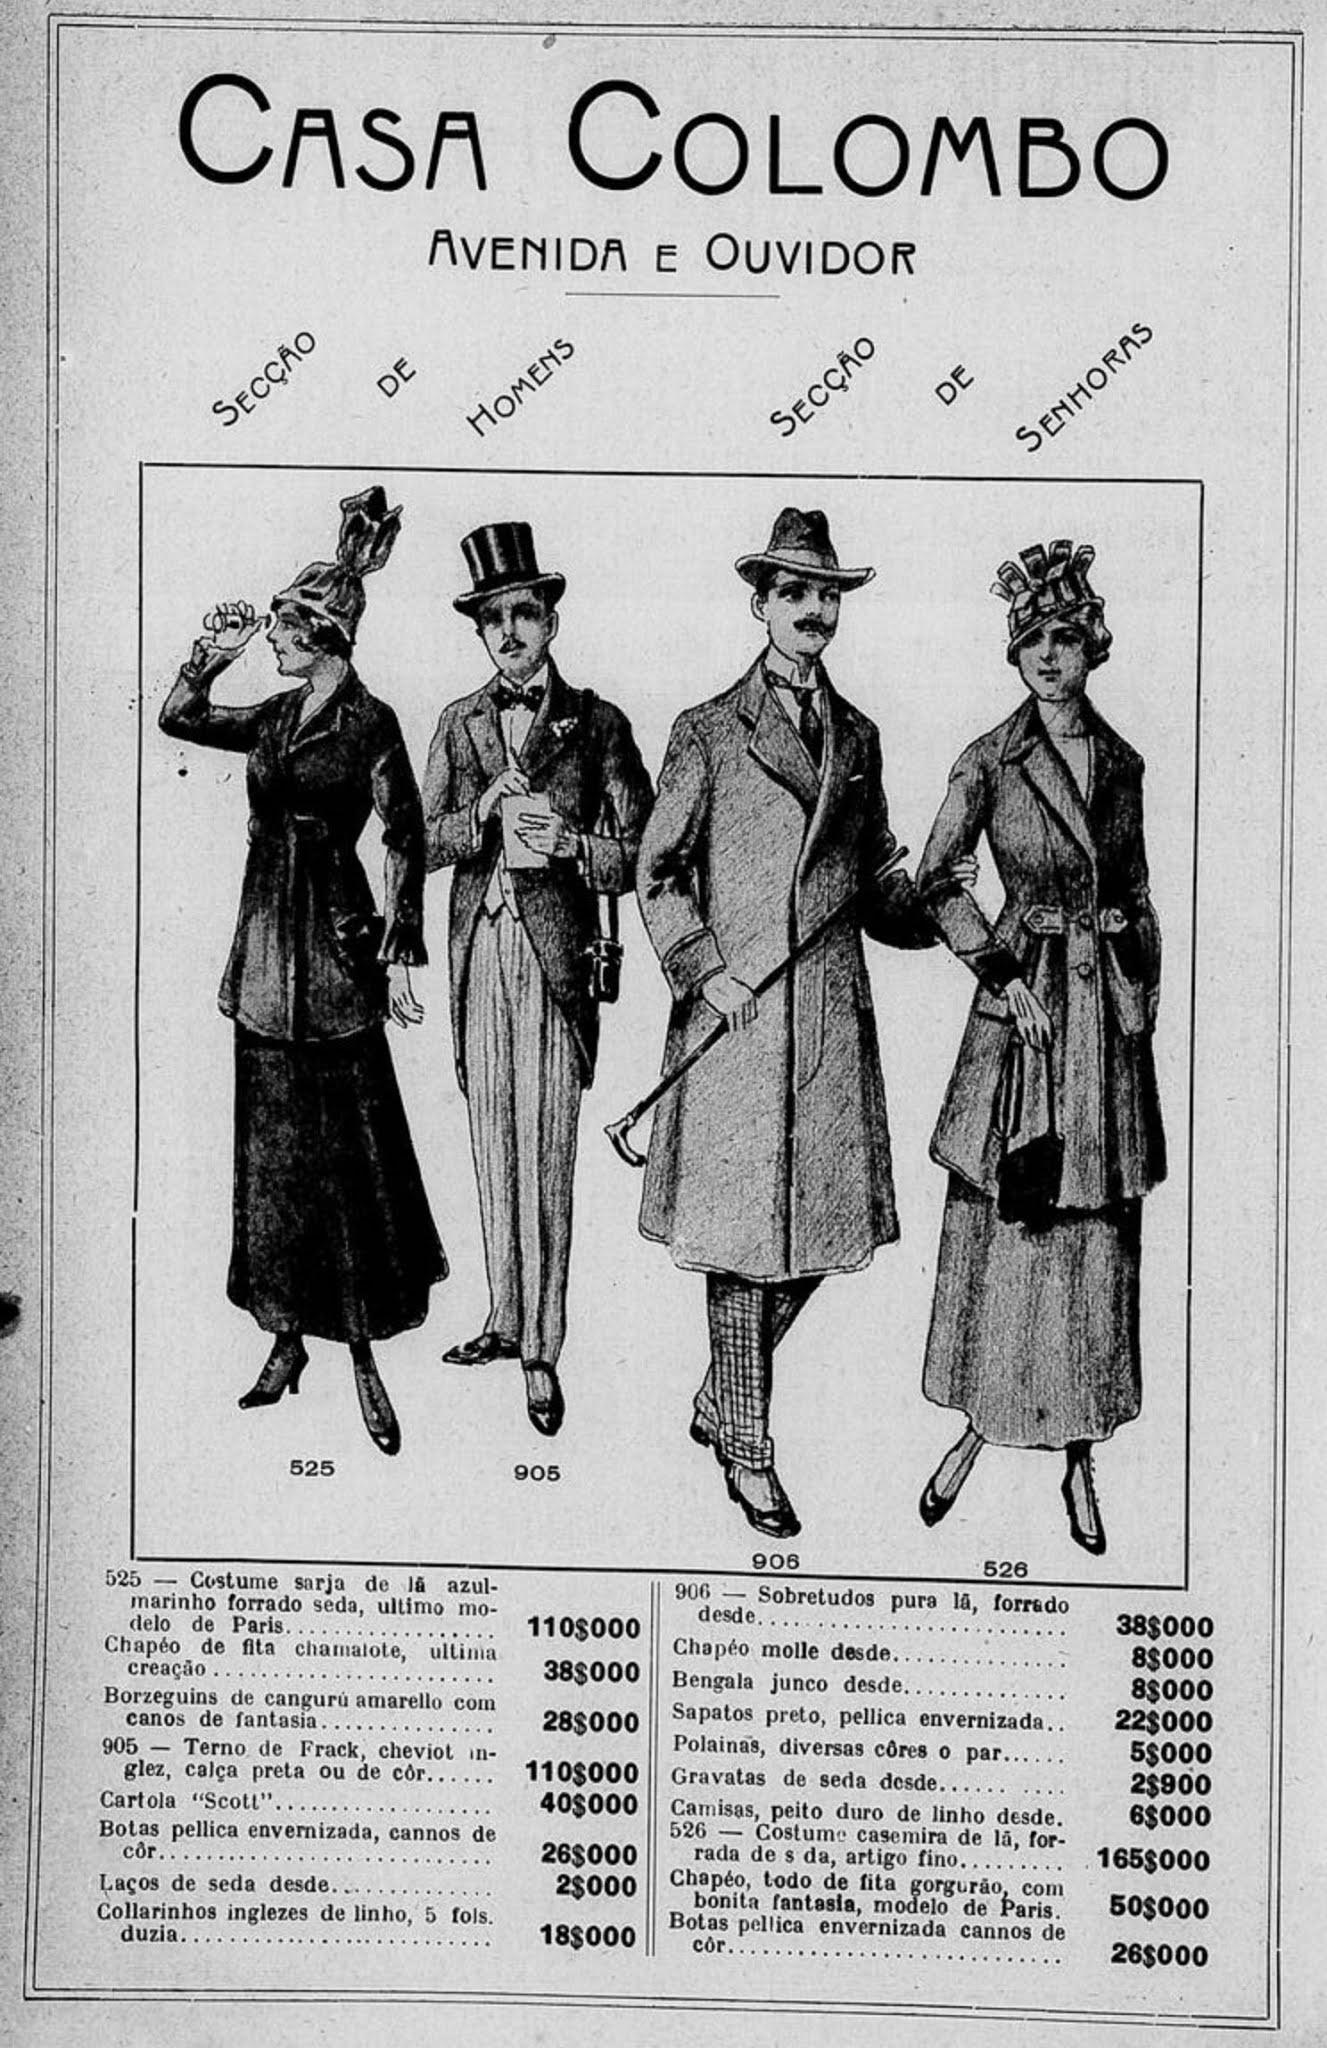 Anúncio de 1916 da Casa Colombo com moda para homens e senhoras